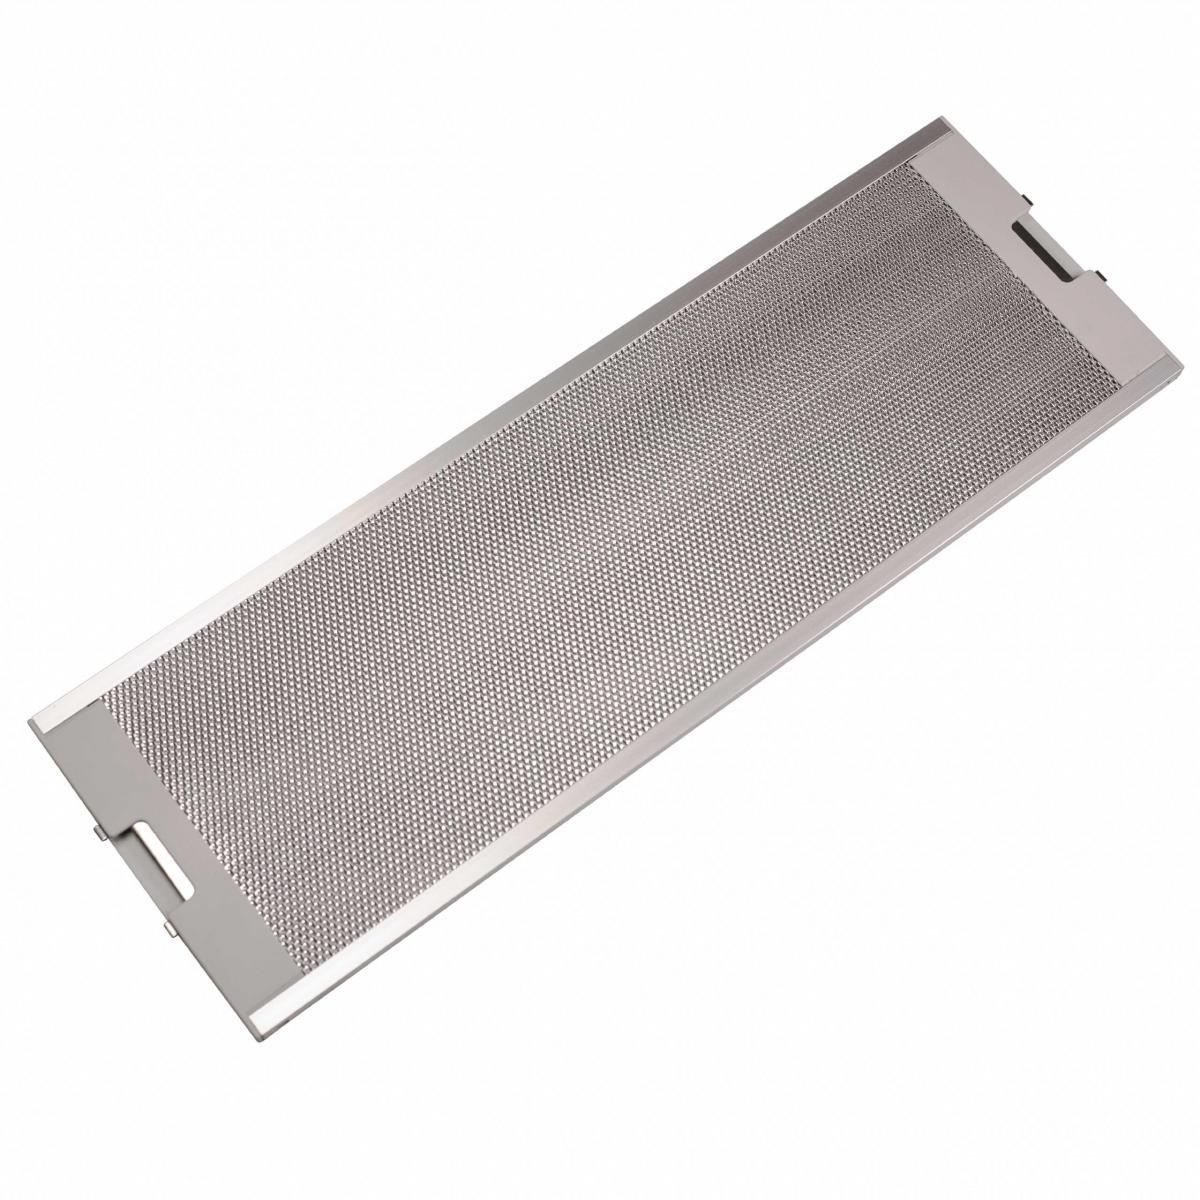 Vhbw vhbw Filtre Permanent Filtre à Graisse Métallique compatible avec Imperial HG 6654 F12 De Dietrich, MA IV-60, MA IV-60 W